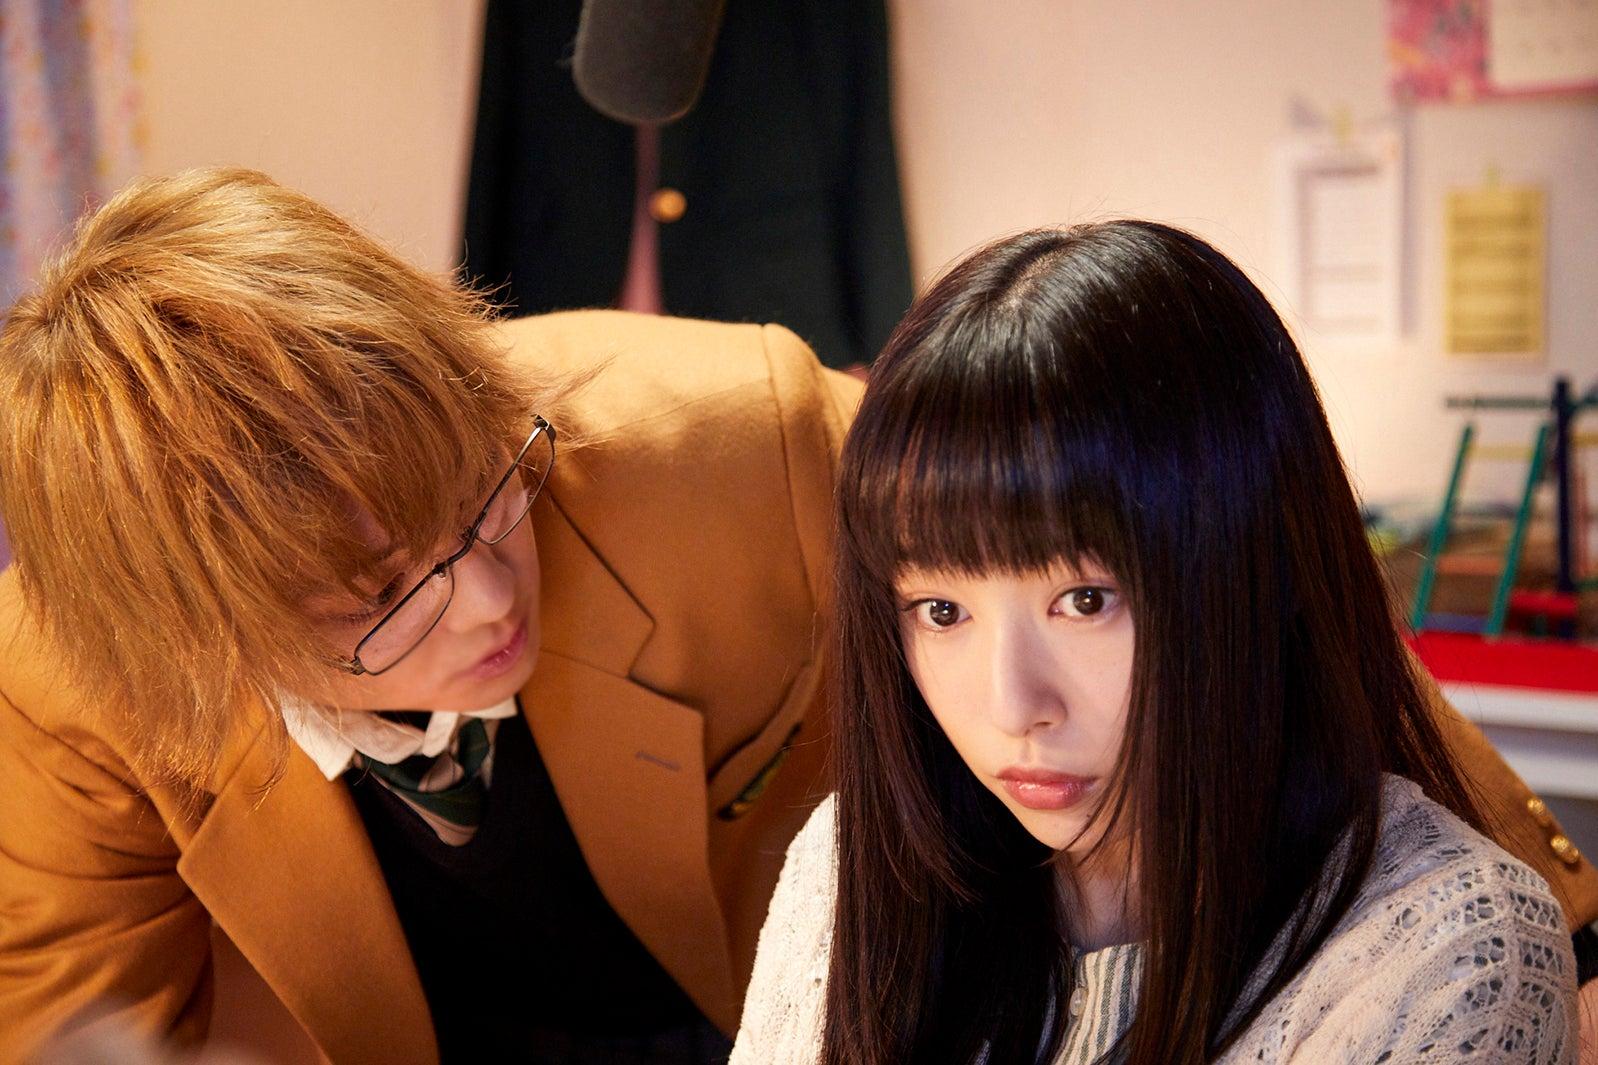 伊藤健太郎、桜井日奈子(C)2018『ういらぶ。』製作委員